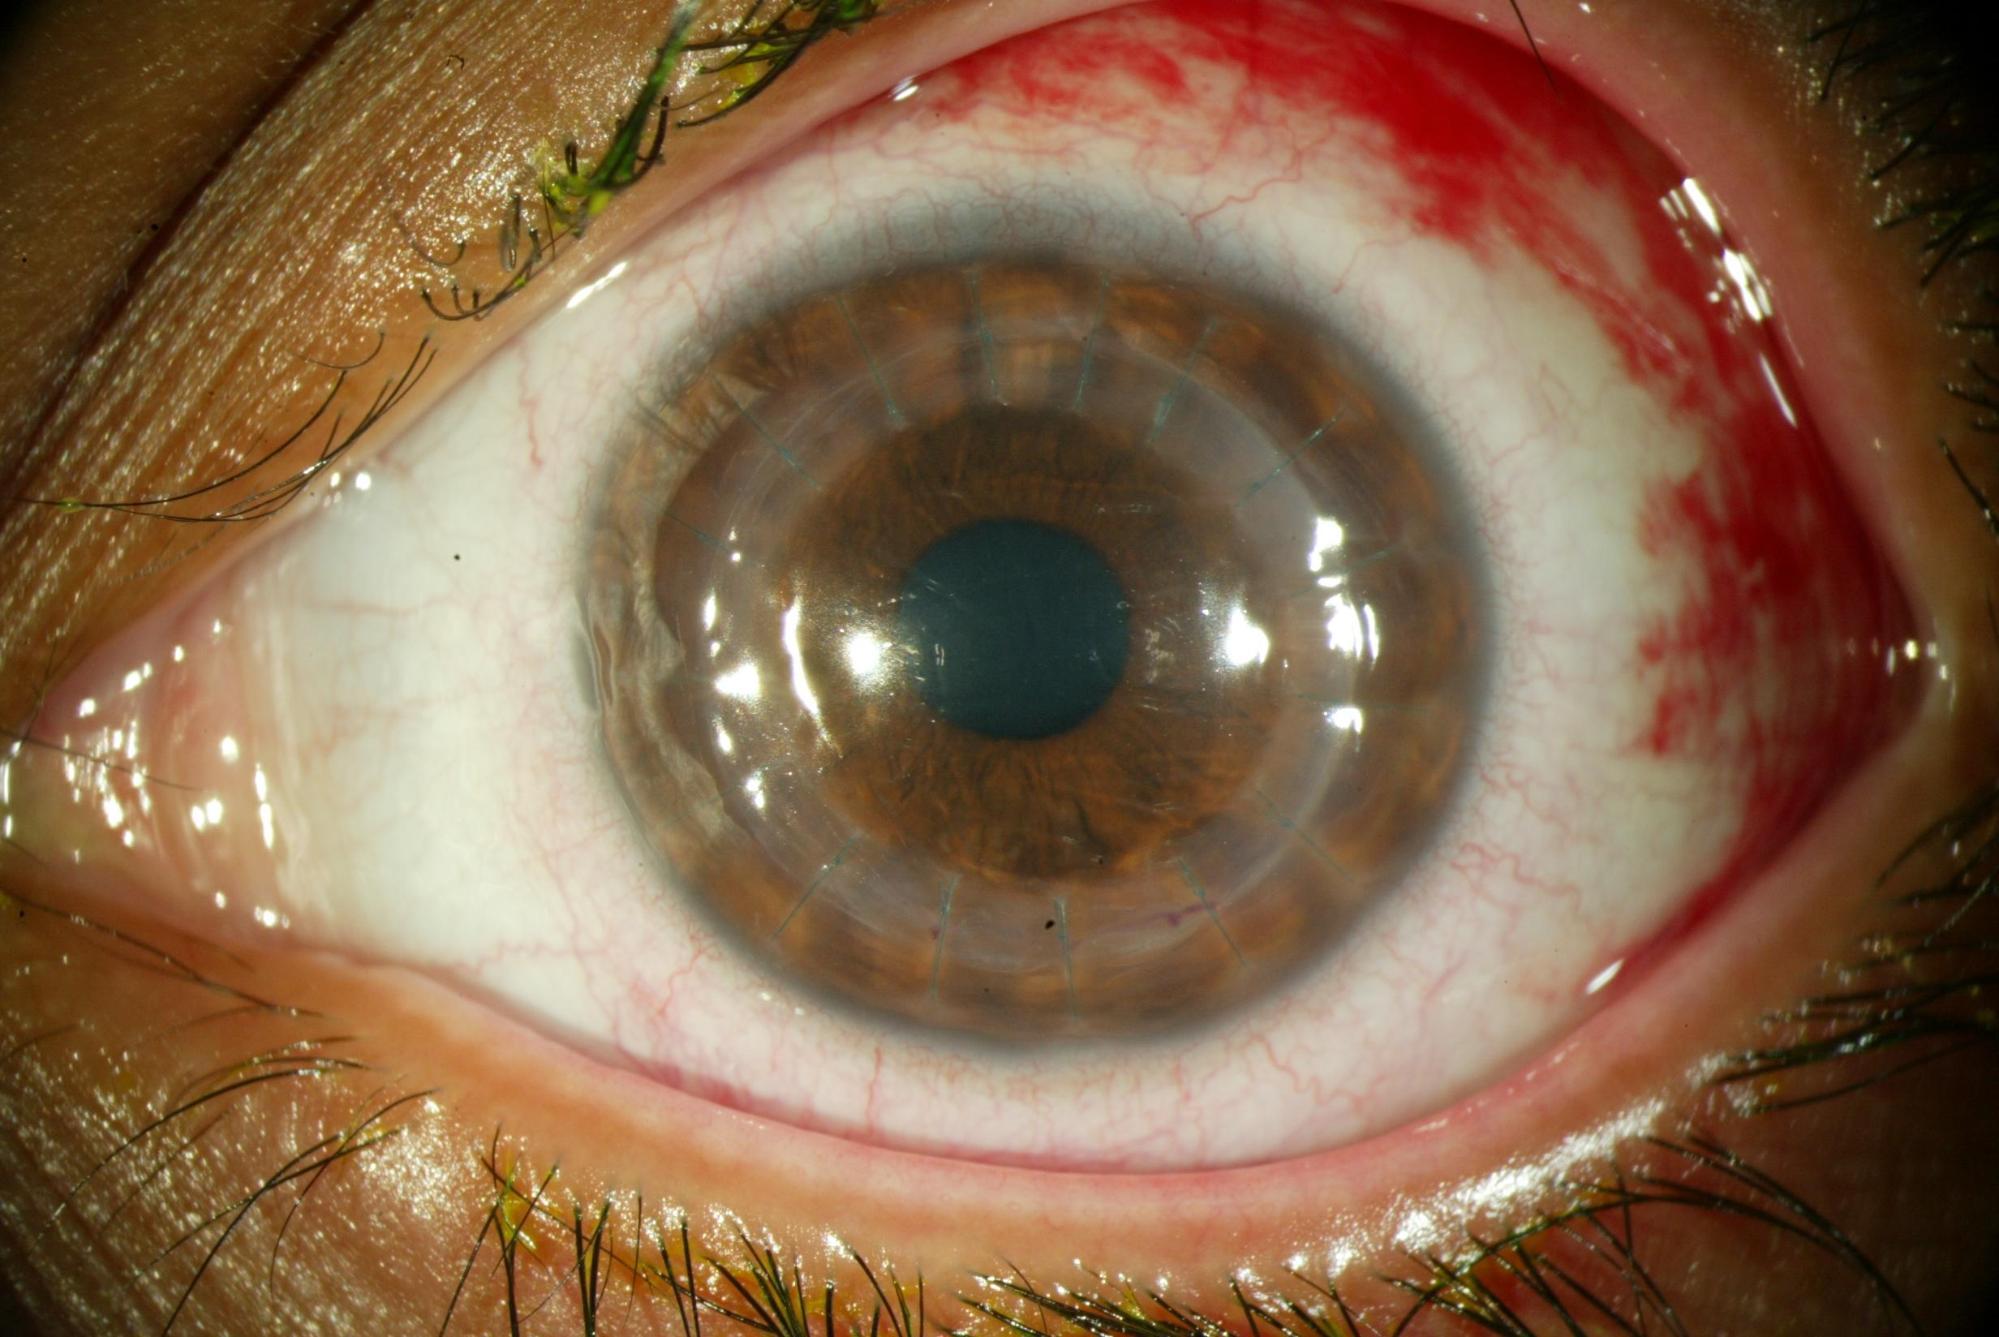 Aspecto de un ojo operado de trasplante de córnea - tratamiento del queratocono